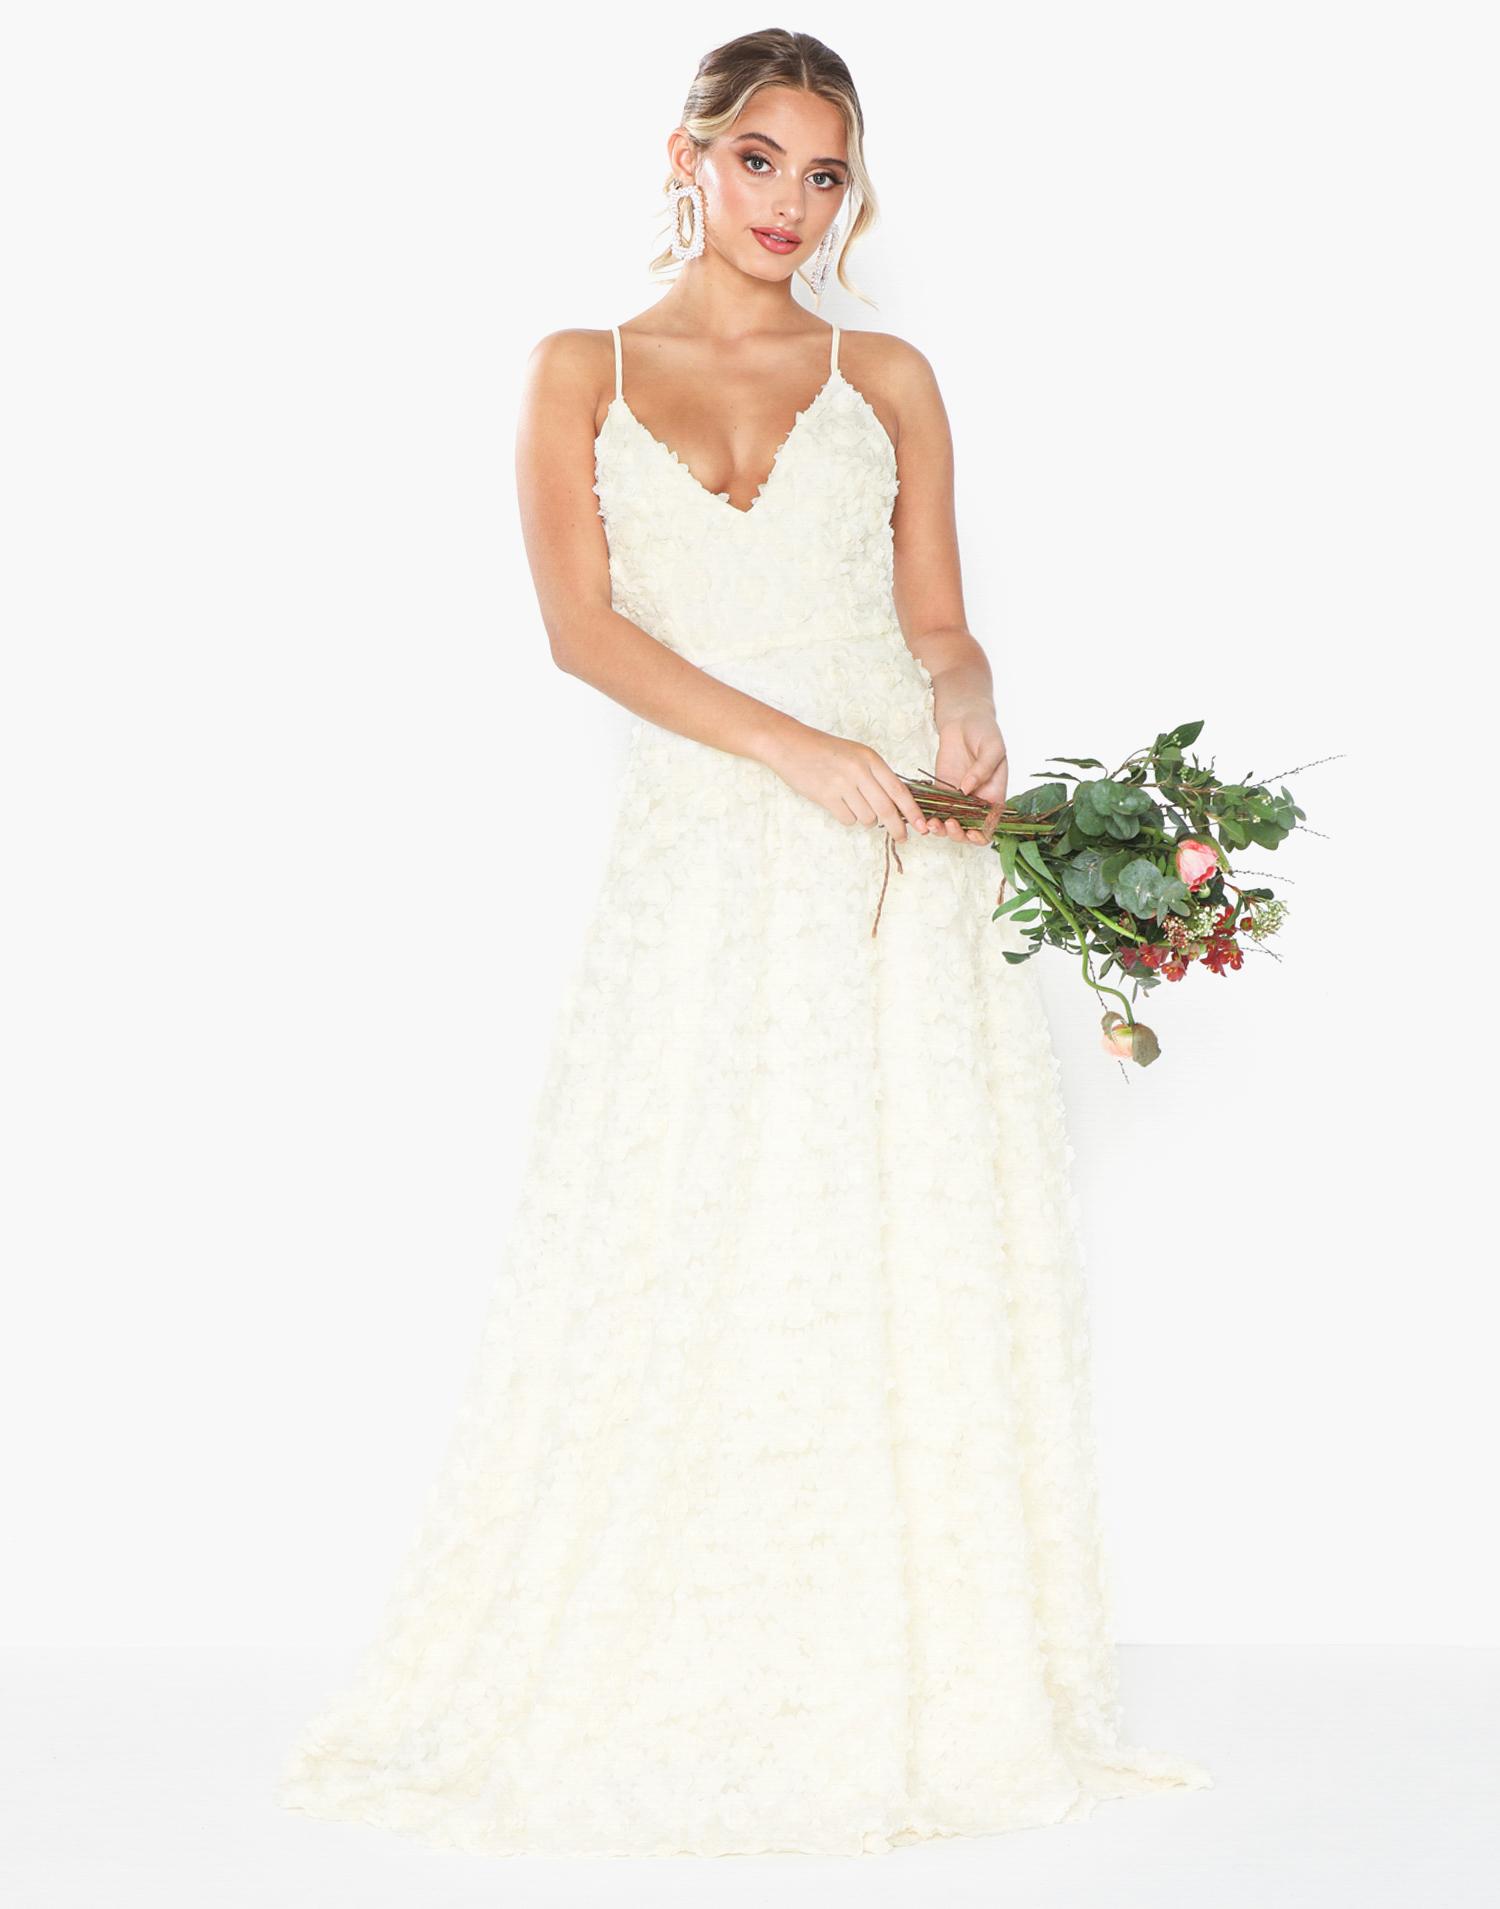 billig brudklänning Ida Sjöstedt bröllop inspiration